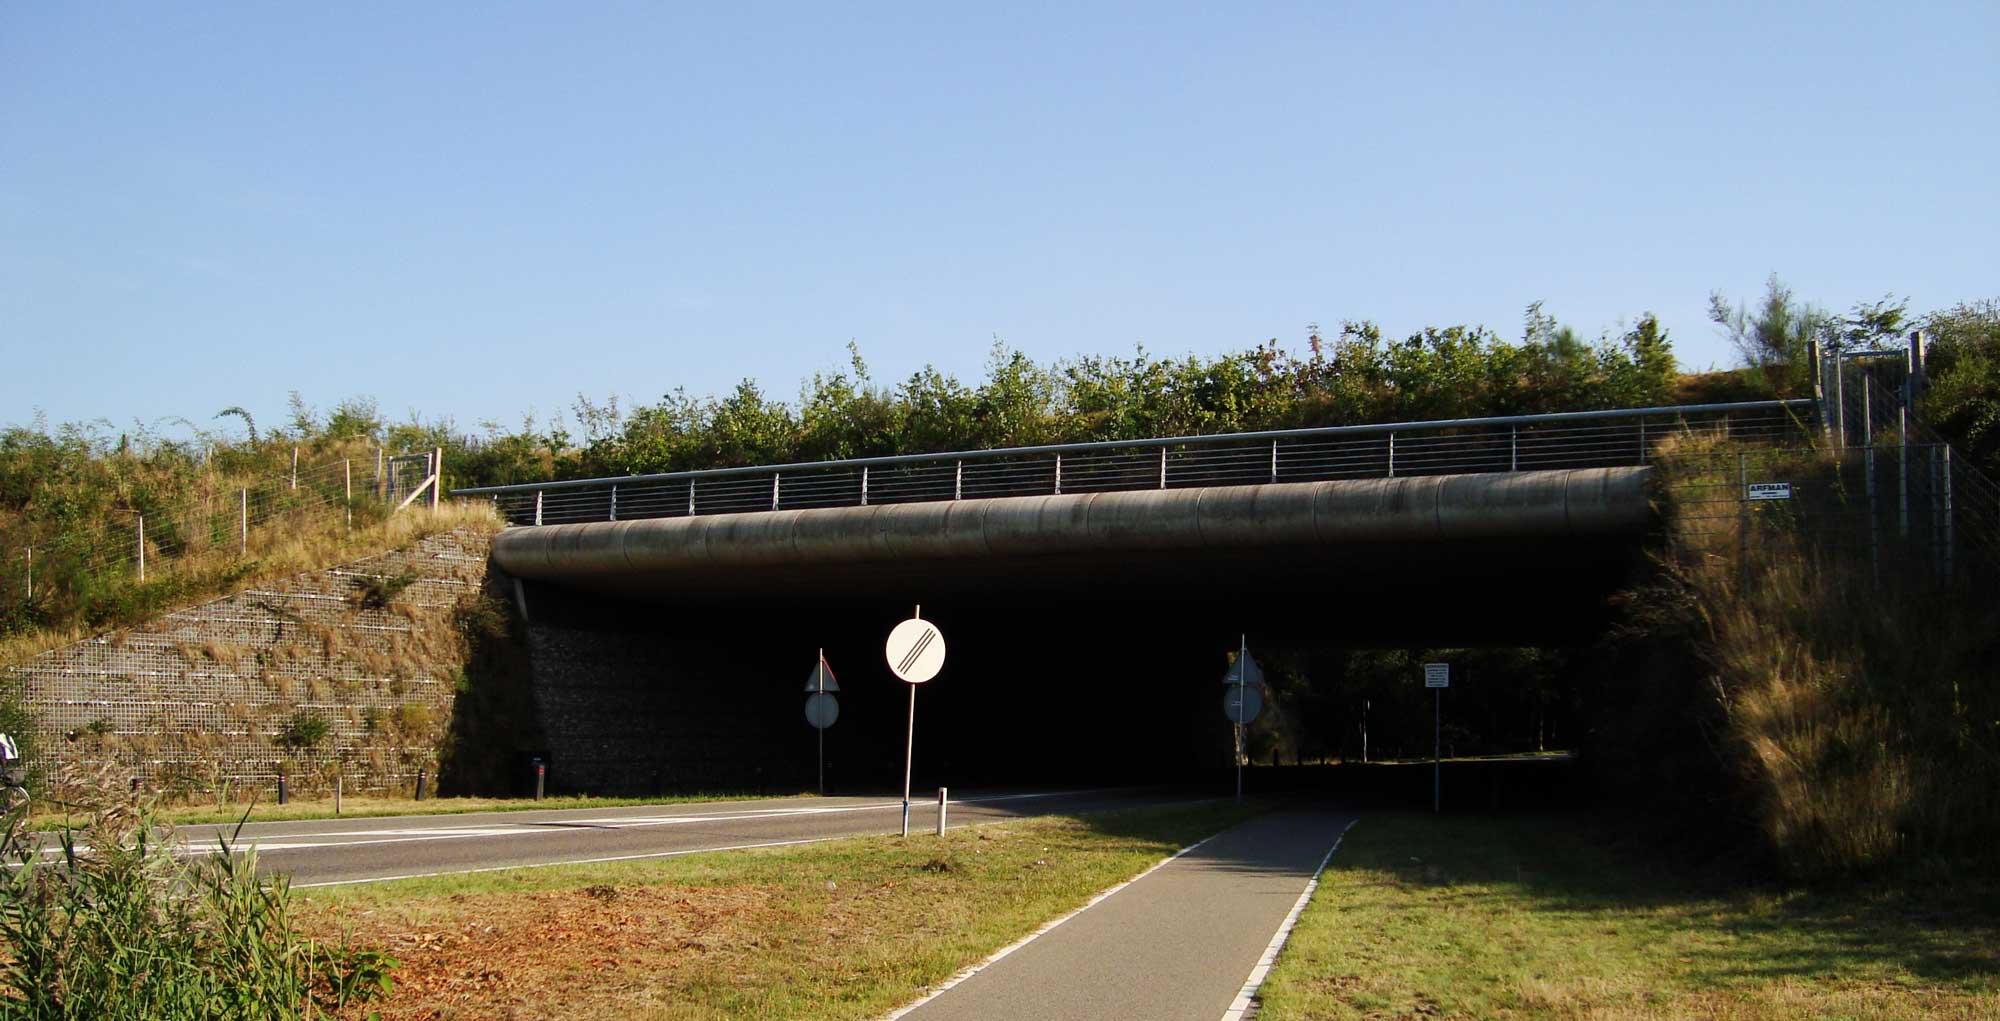 Wildlife crossing in Zanderij-Crailo-in-Hilversum, the-Netherlands.